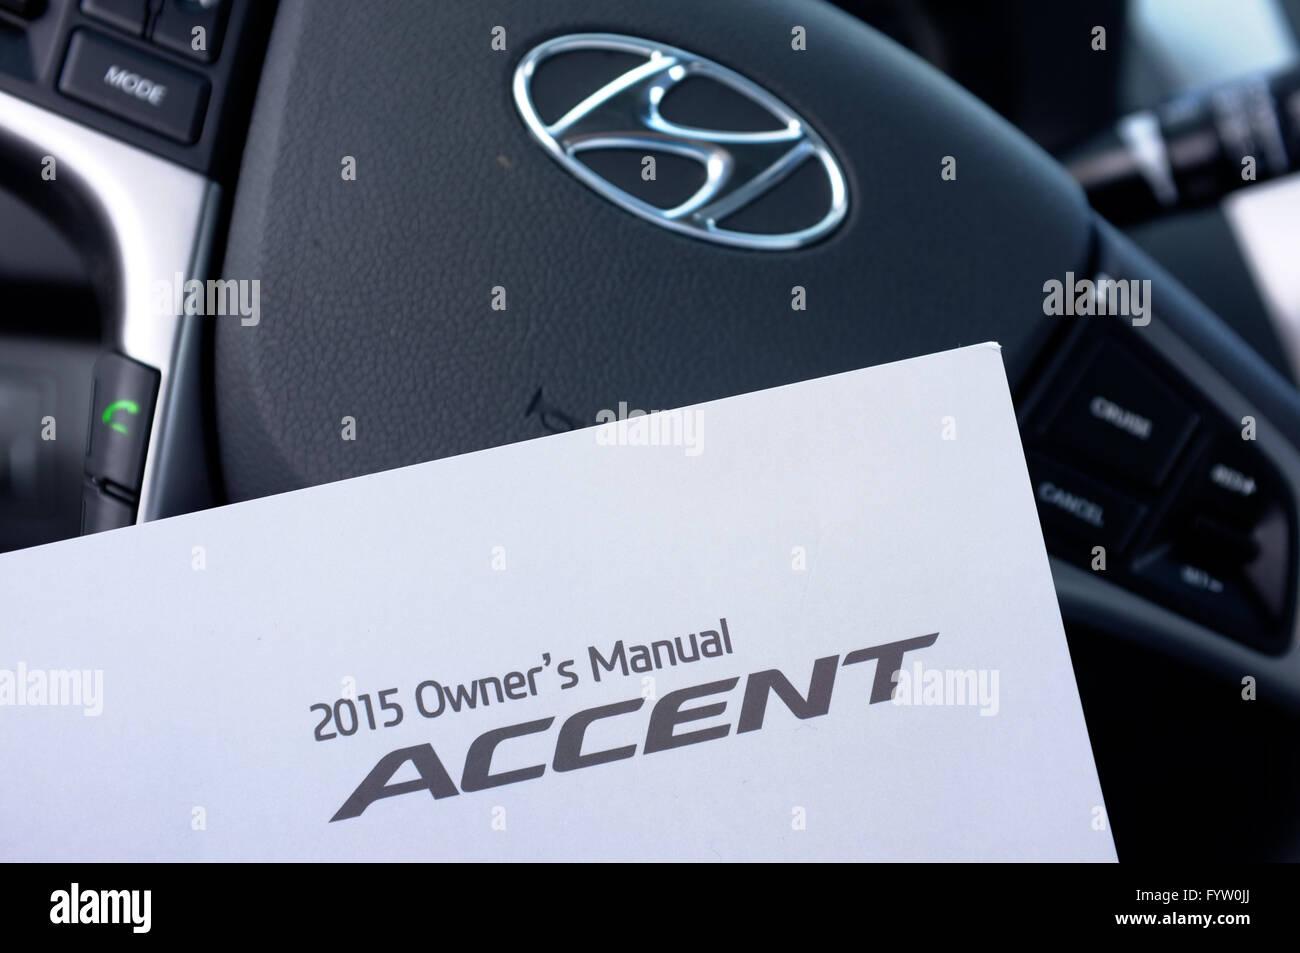 Un Hyundai Accent Manuale del proprietario nella parte anteriore di un Hyundai volante. Immagini Stock